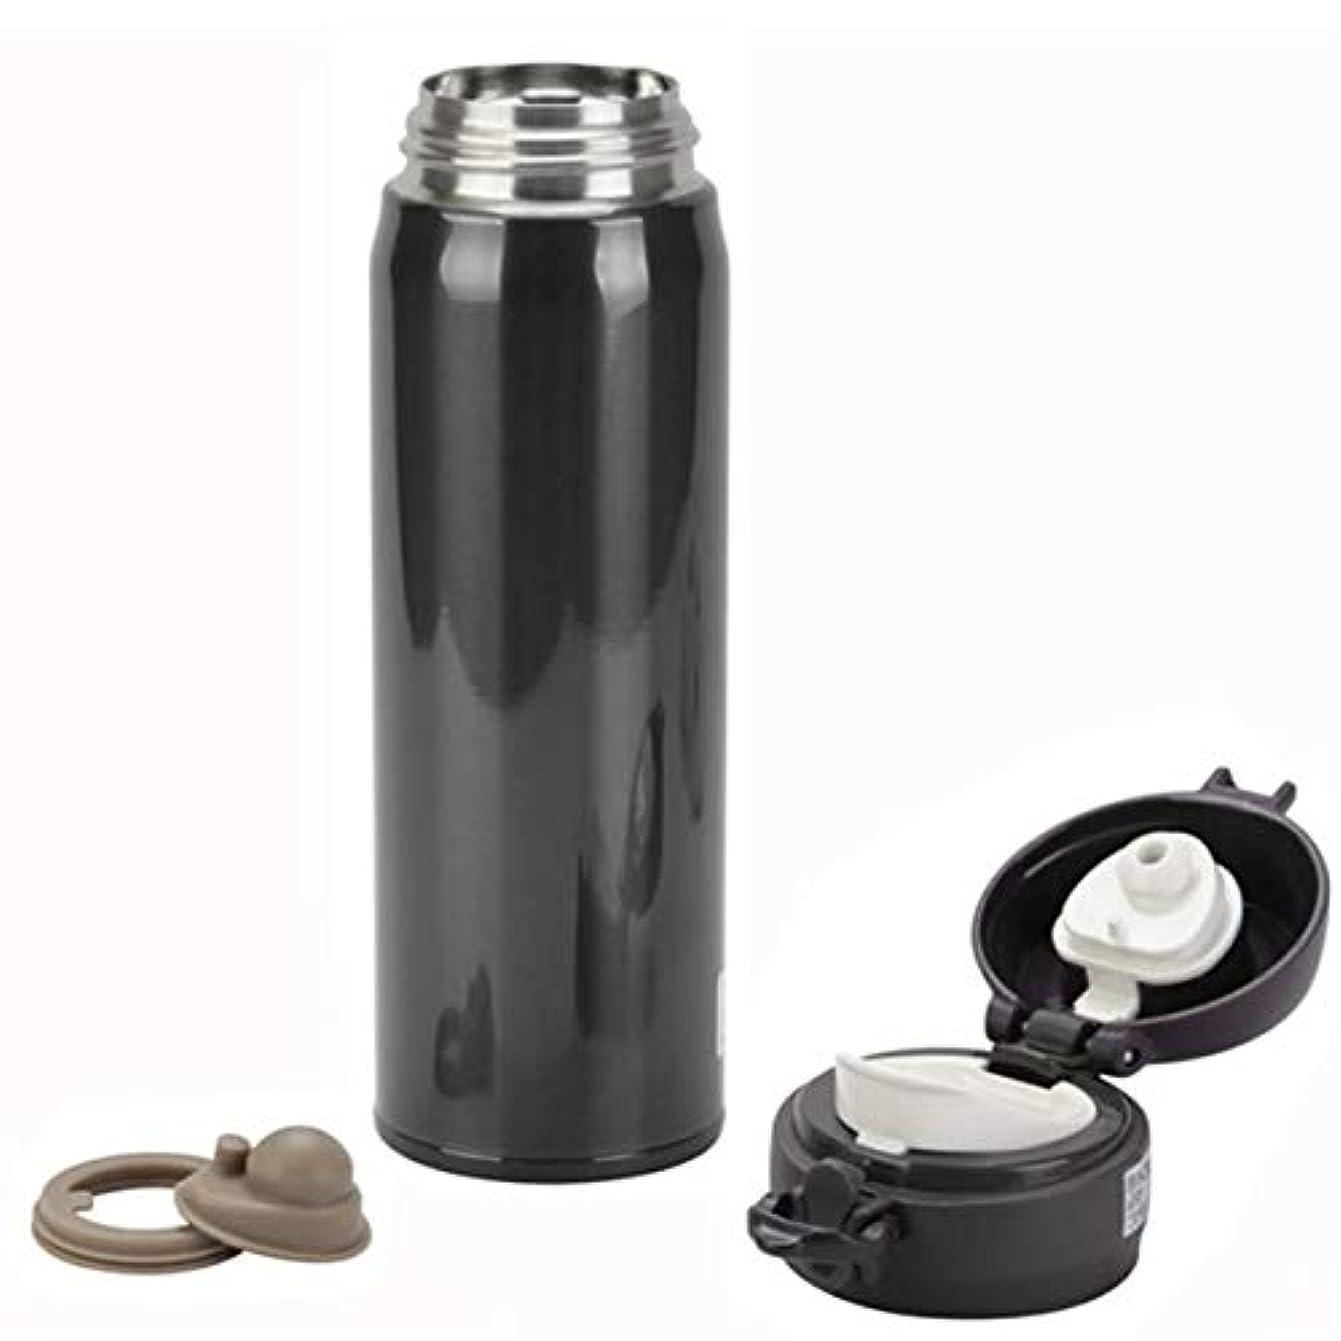 メッシュ保守的使い込むSaikogoods 真空カップ 450ミリリットル ステンレス鋼 ウォーターボトル 飲料ボトル 断熱カップ ポットを保つ運動をする ソリッドカラー シンプルなデザイン 黒